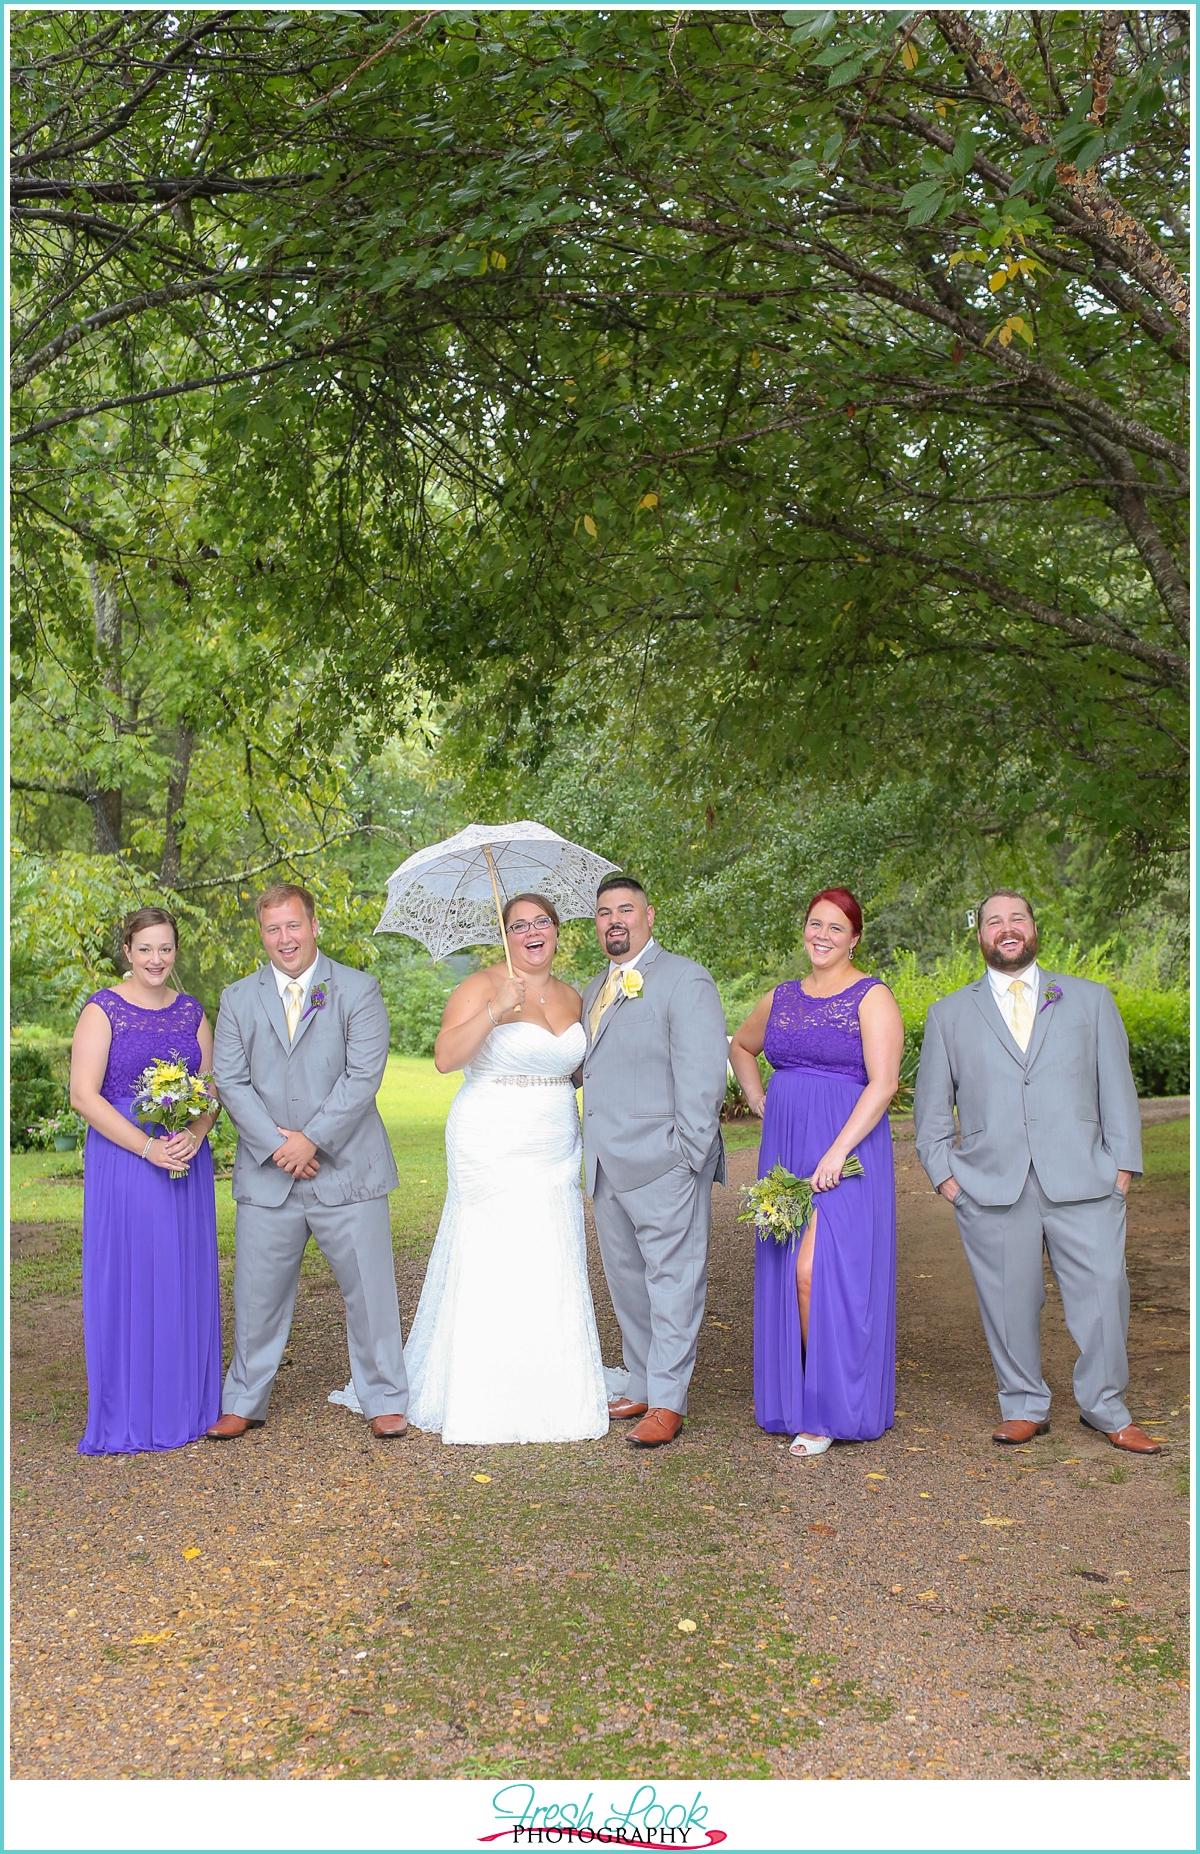 fun wedding day portraits